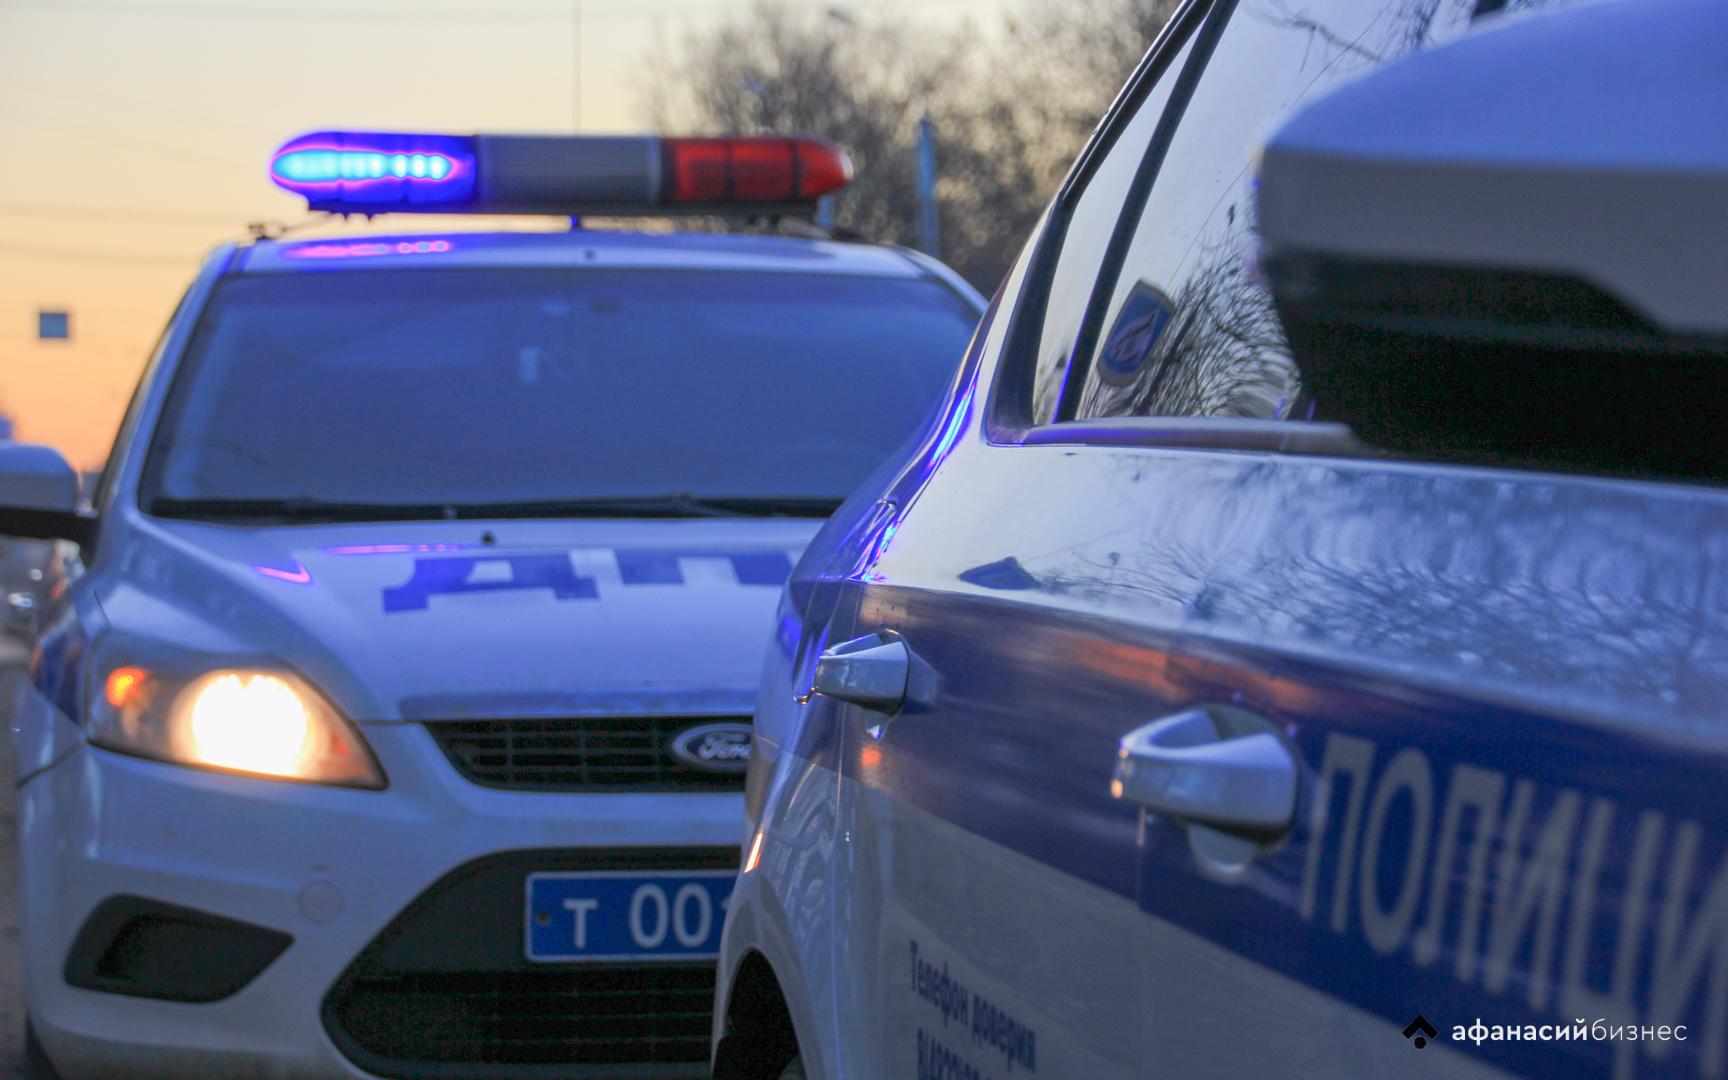 Две легковушки столкнулись на трассе в Тверской области, есть пострадавший - новости Афанасий